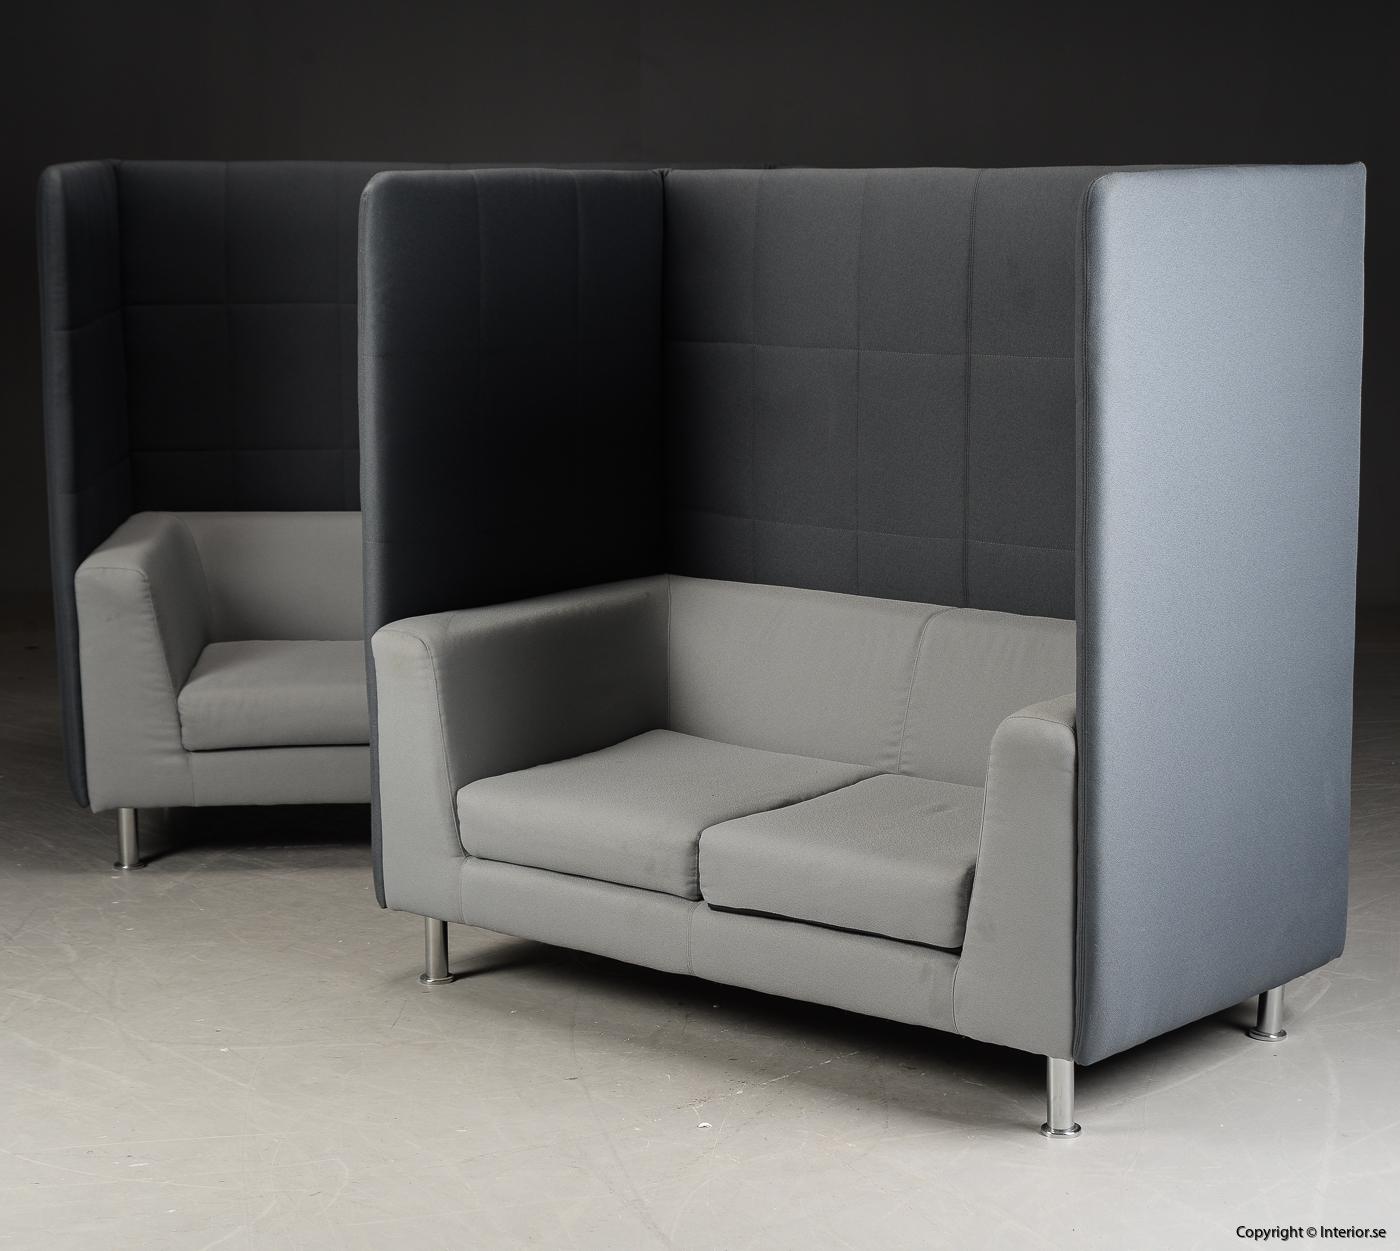 Soffa med högt ryggstöd, Holmris Free Air 2 High Straight modern design